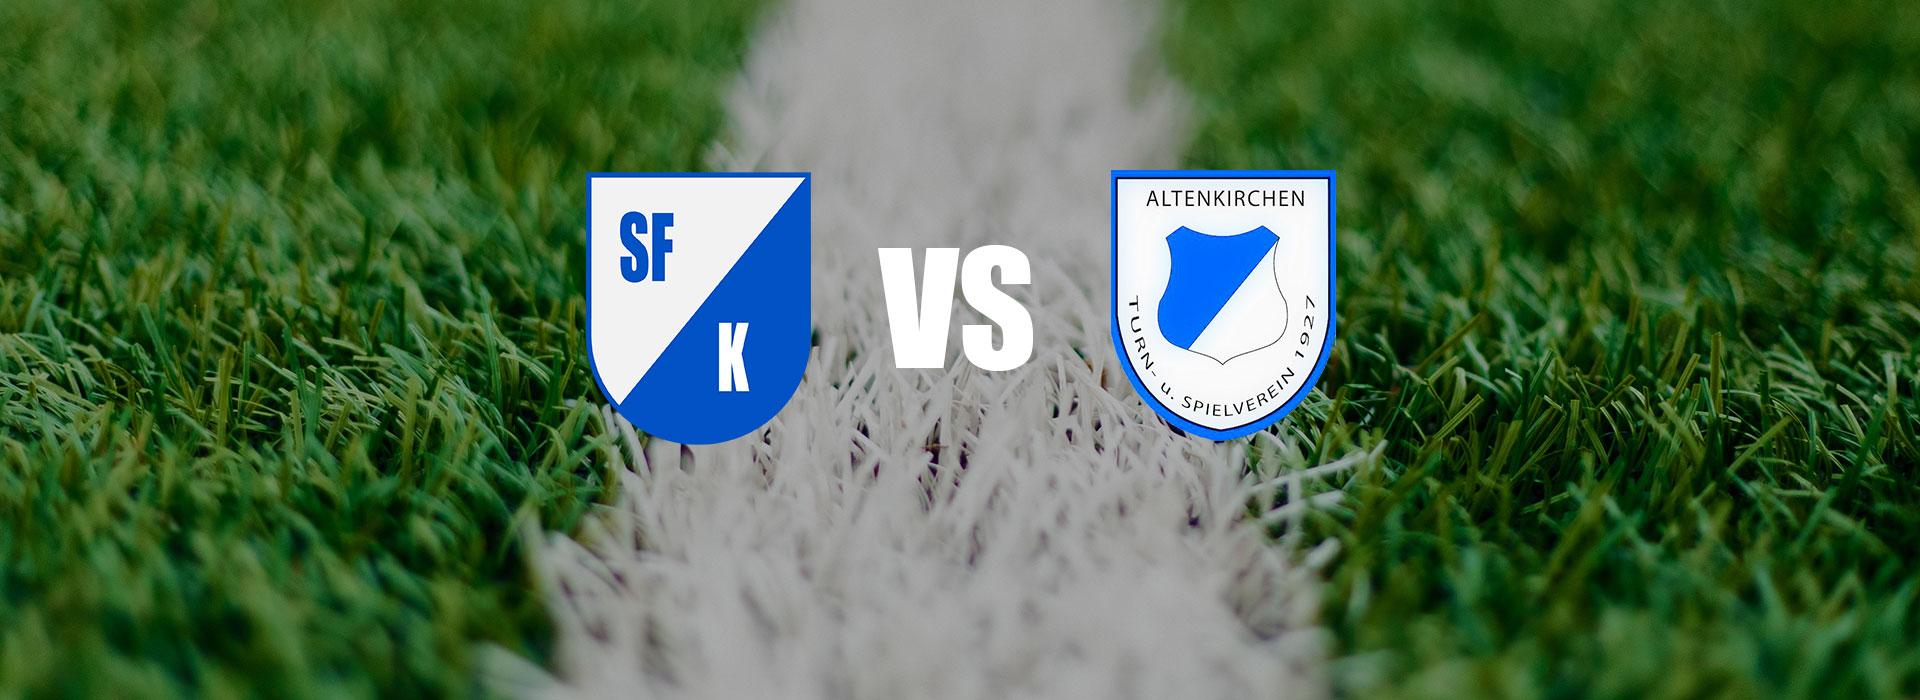 SF Katzenfurt TSV Altenkirchen